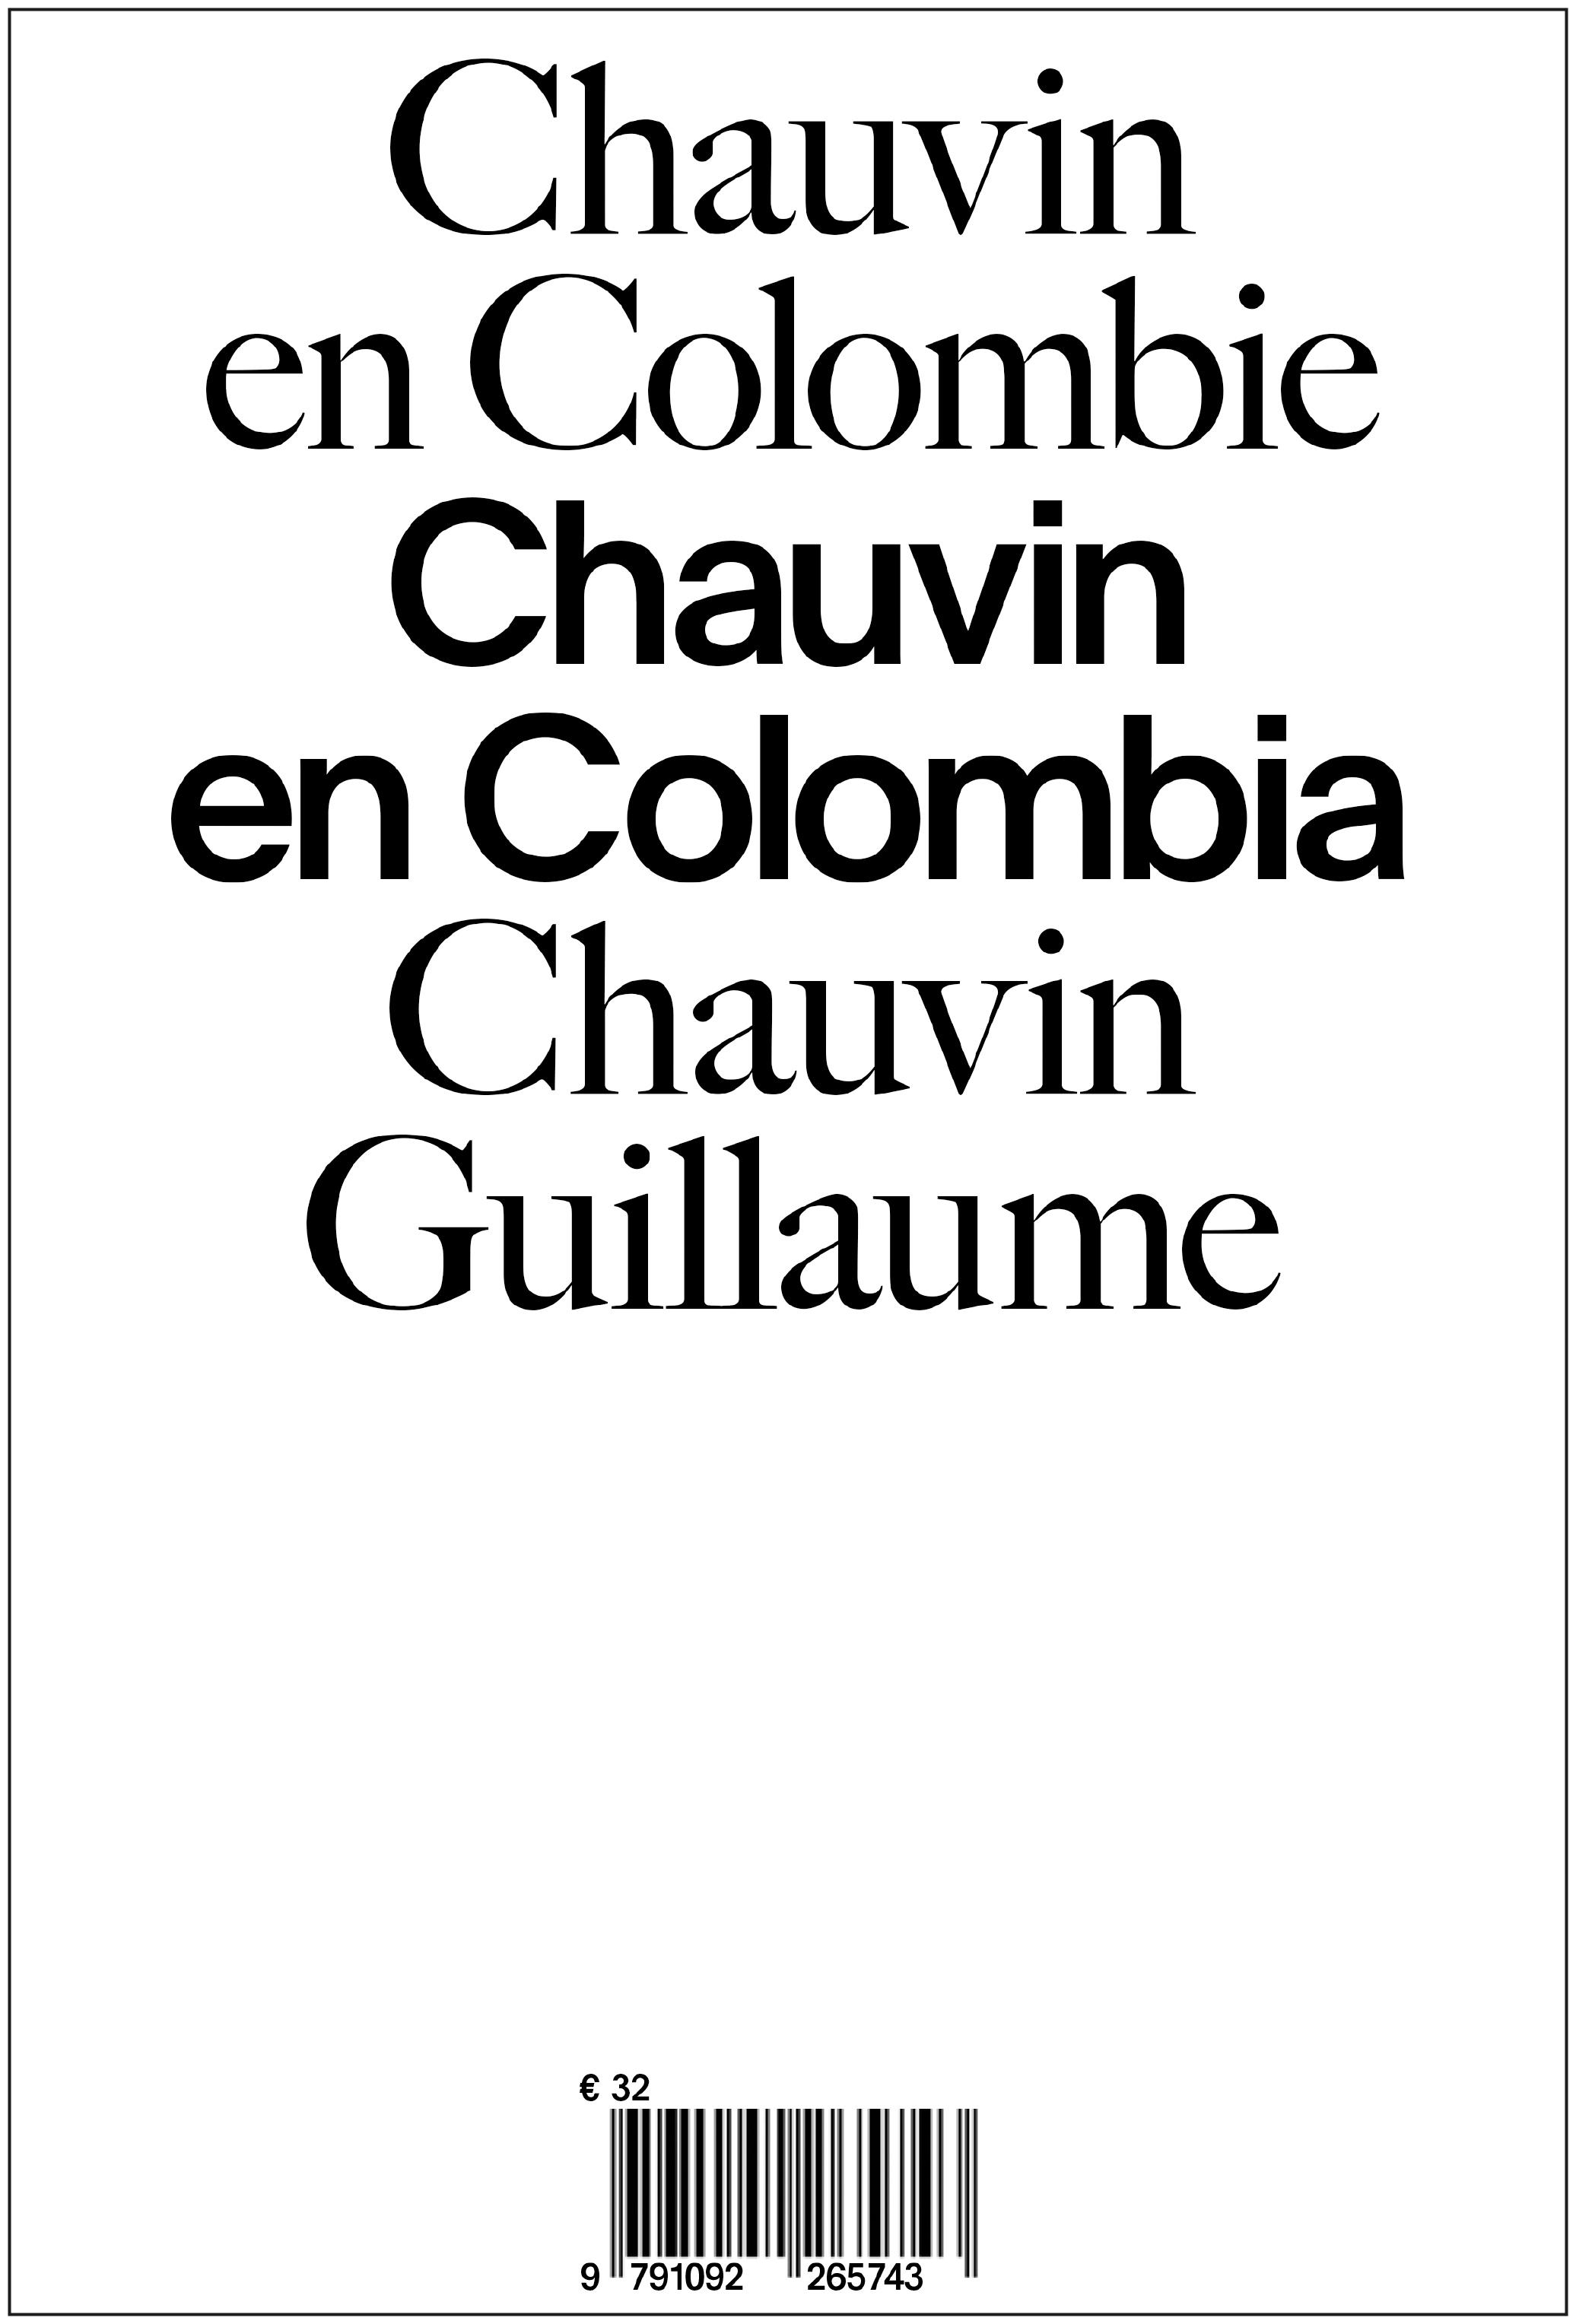 CHAUVIN EN COLOMBIE